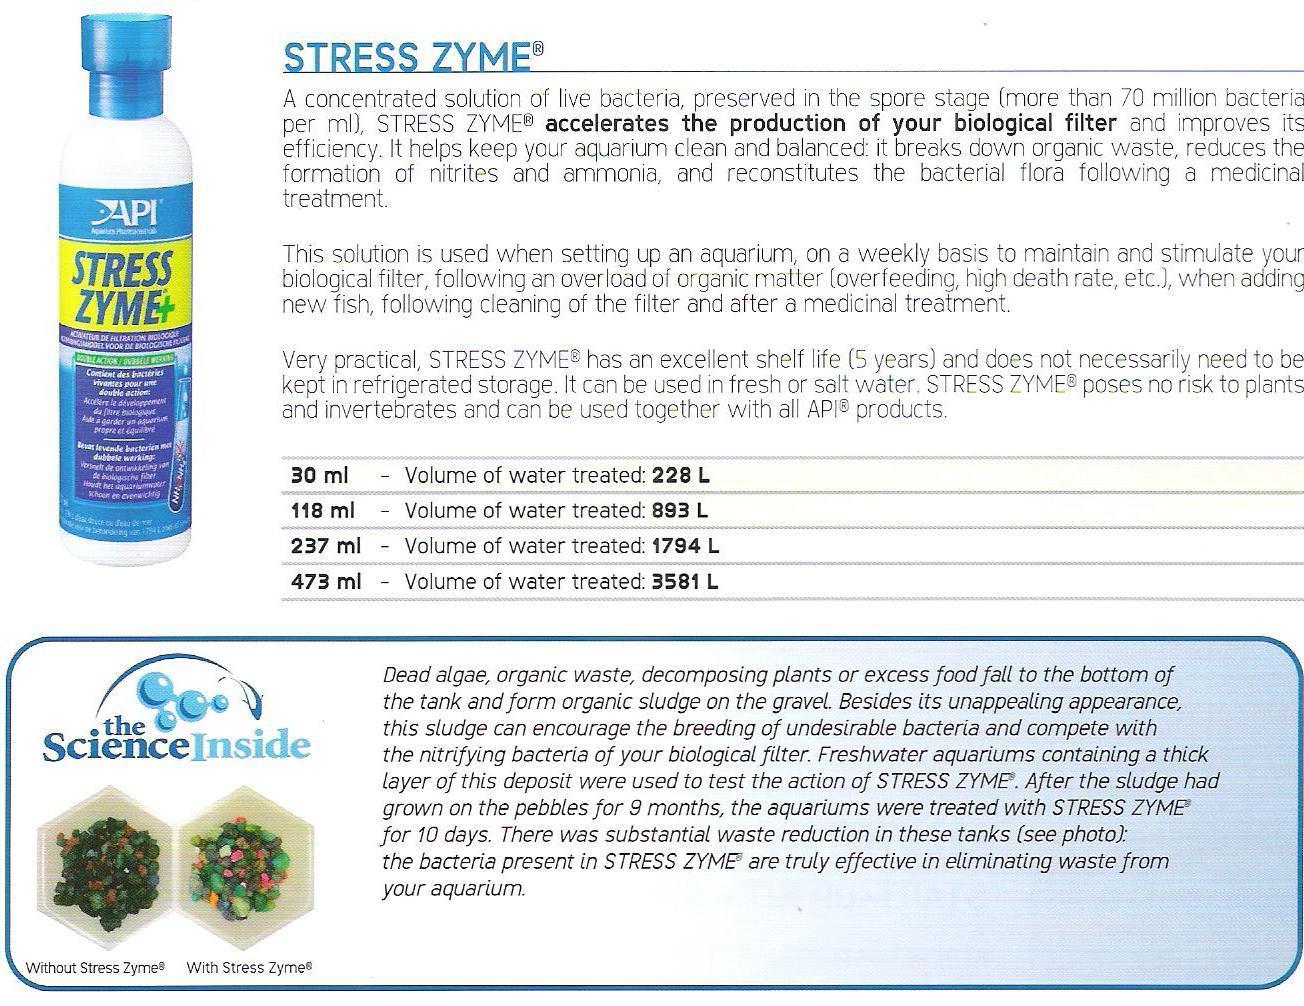 AP - STRESS ZYME